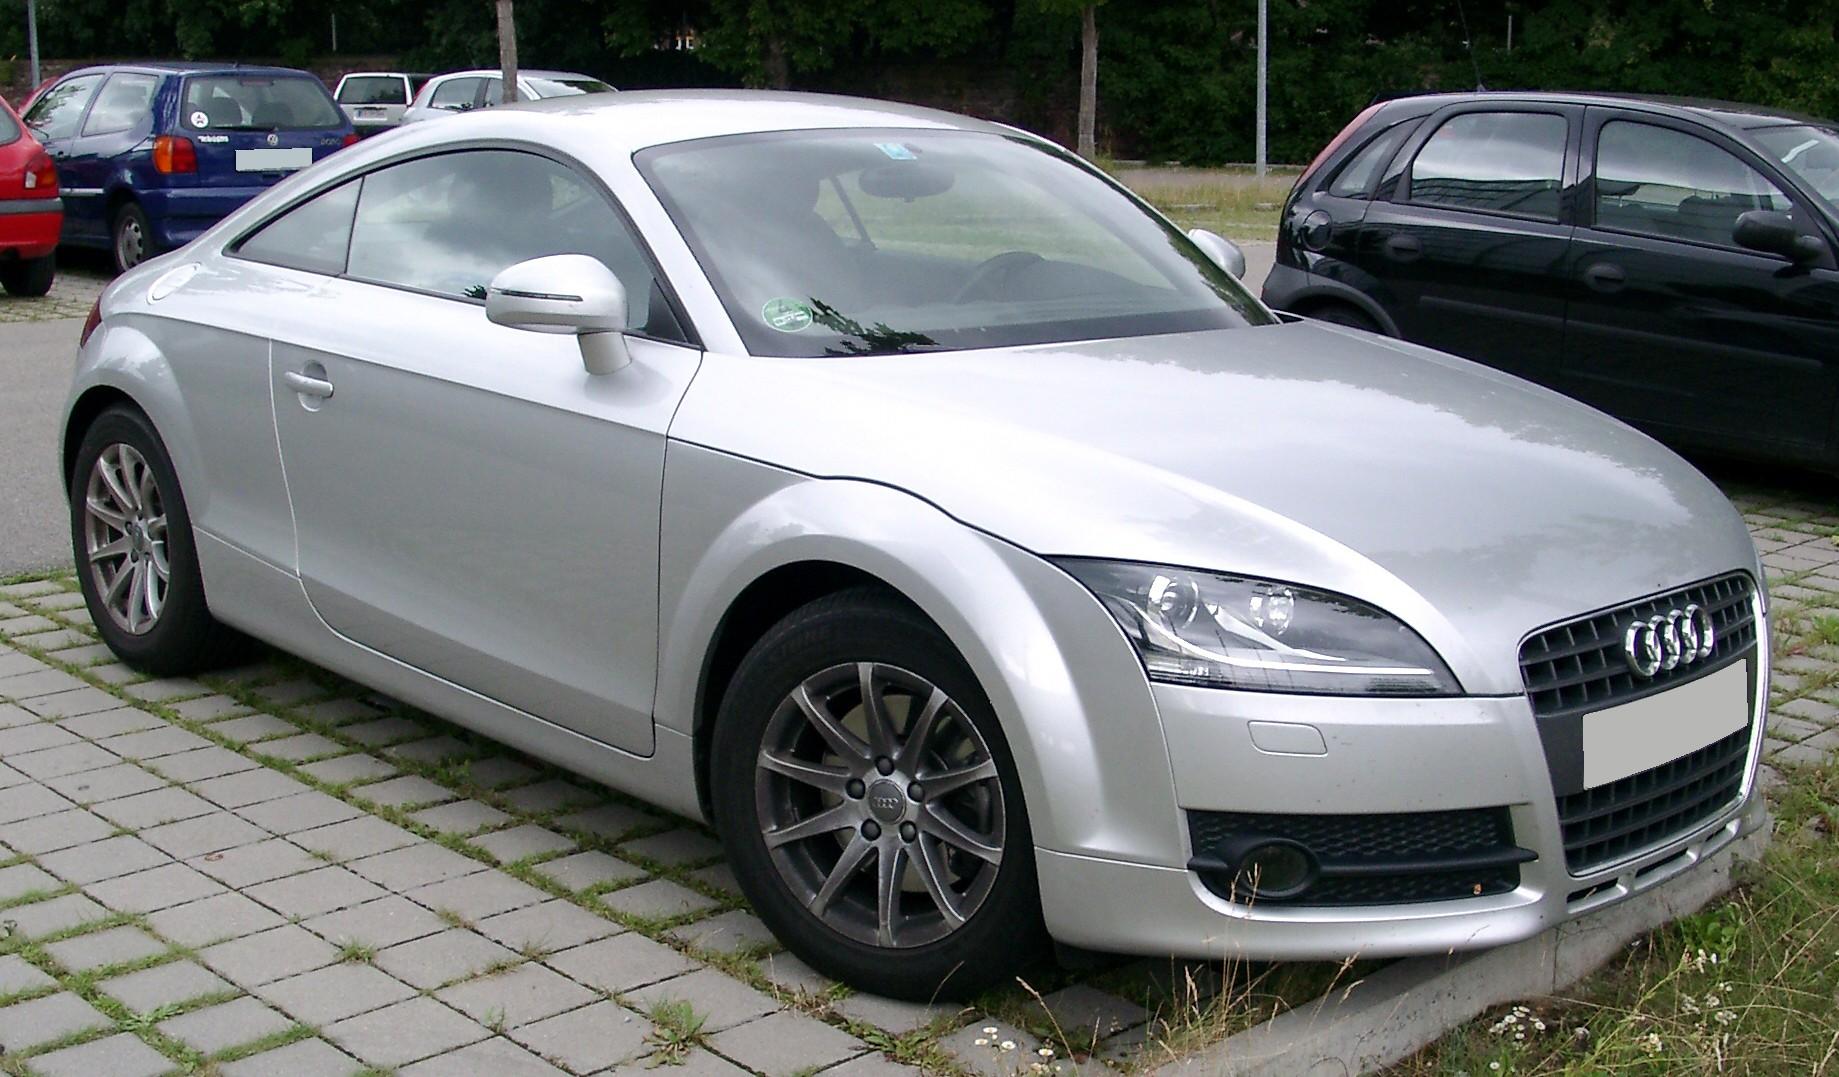 Kelebihan Kekurangan Audi Tt 2008 Tangguh